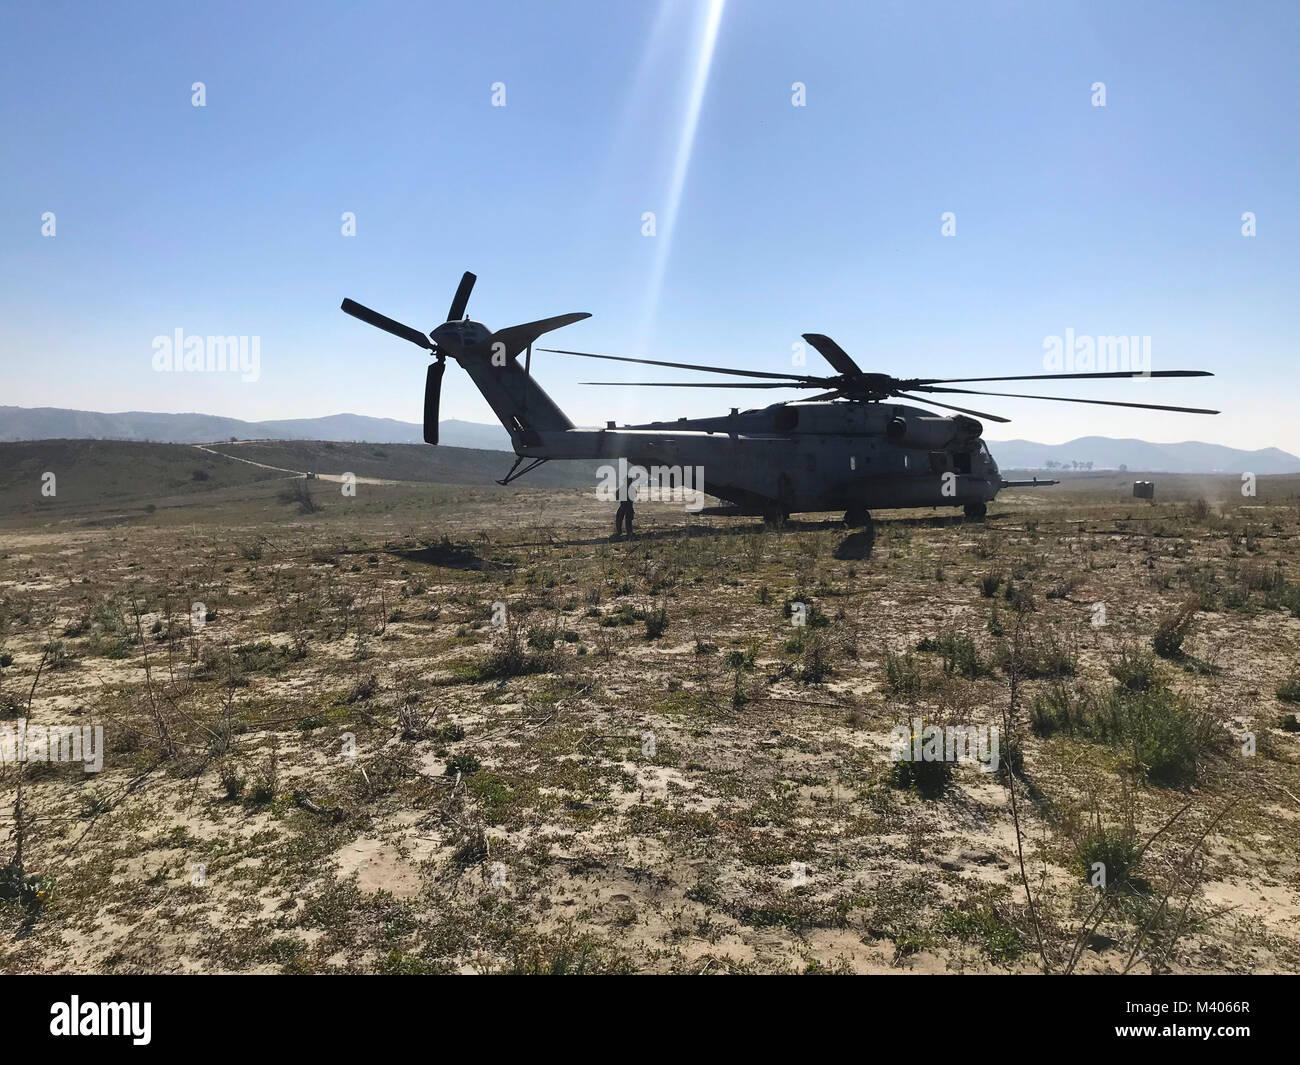 El Sgt. Adam Collins, un jefe de la tripulación del tipo CH-53E con Marina escuadrón de helicópteros pesados (HMH) 465, se prepara para cargar el primer palo de puentes durante el paracaídas y las operaciones de vuelo con el 1er Batallón de reconocimiento de la Marina en el Marine Corps Base Camp Pendleton, California, el 6 de febrero. Durante el paracaídas y saltar las operaciones de combate en tierra, el elemento y el elemento de combate de aviación trabajan juntos para garantizar la seguridad y el cumplimiento de la misión durante el entrenamiento. (Ee.Uu. Foto del Cuerpo de Infantería de Marina por el sargento. David Bickel/liberado) Foto de stock